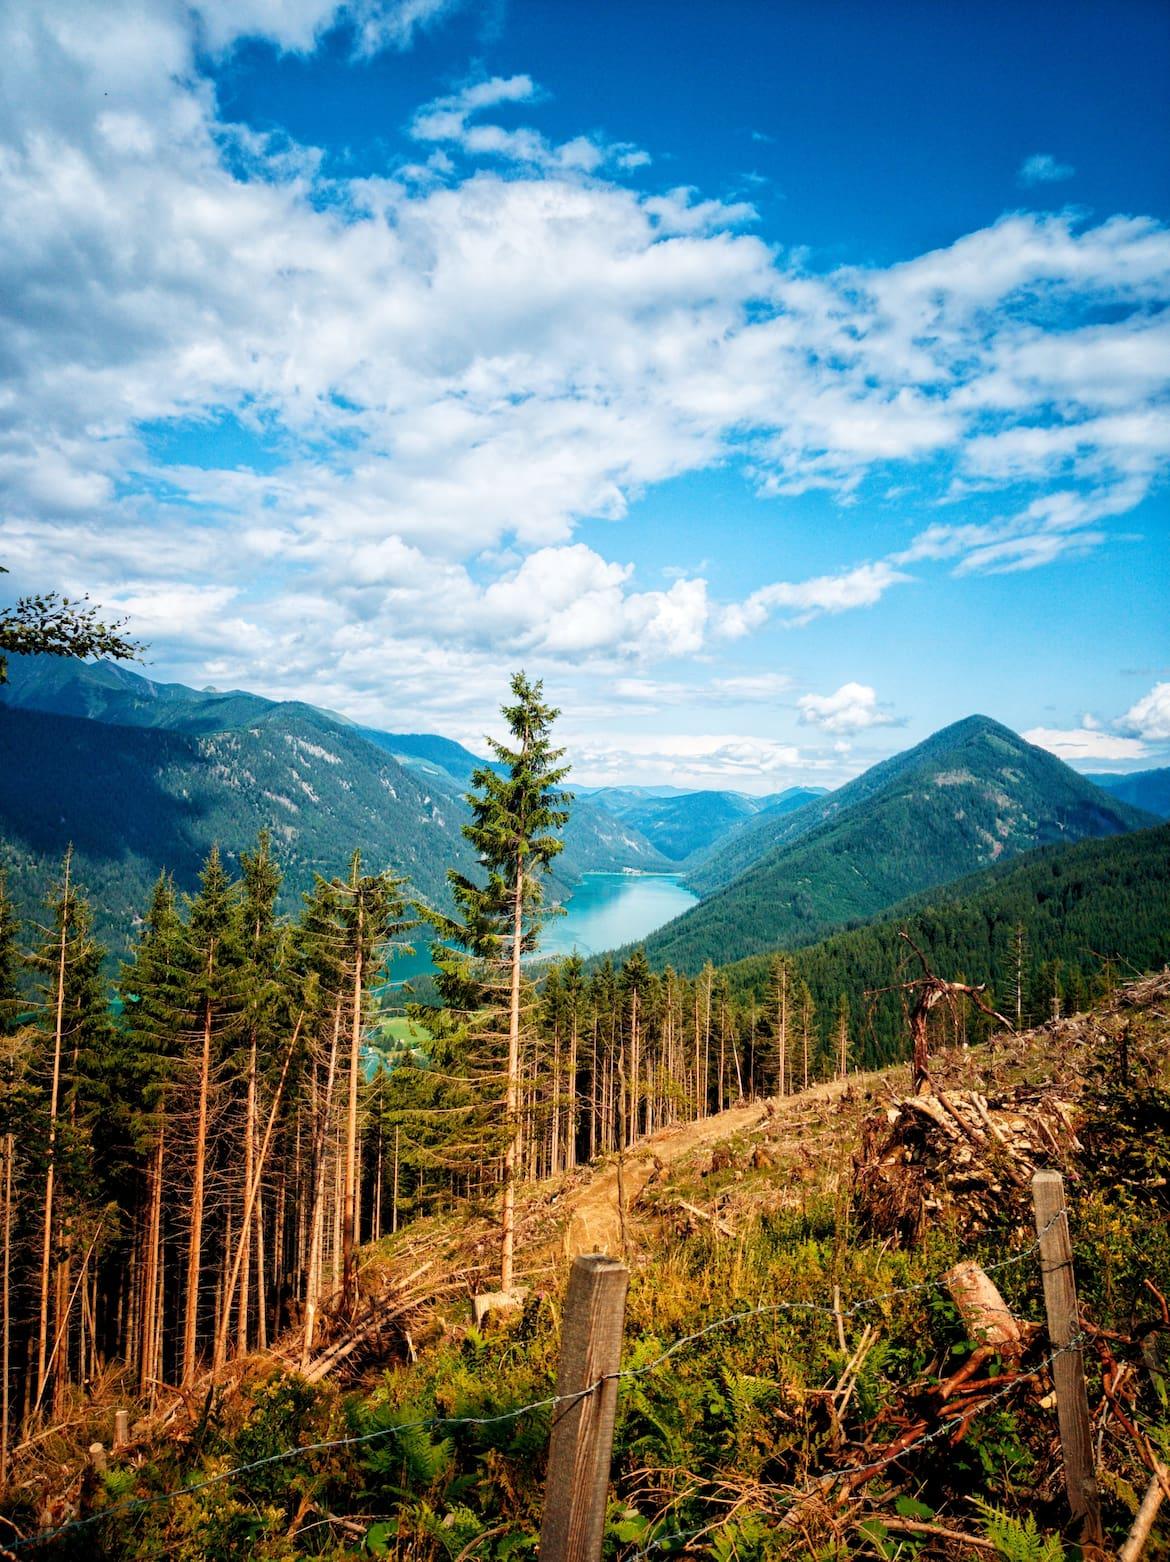 Der türkisblaue Weissensee am Fuße der Gailtaler Alpen